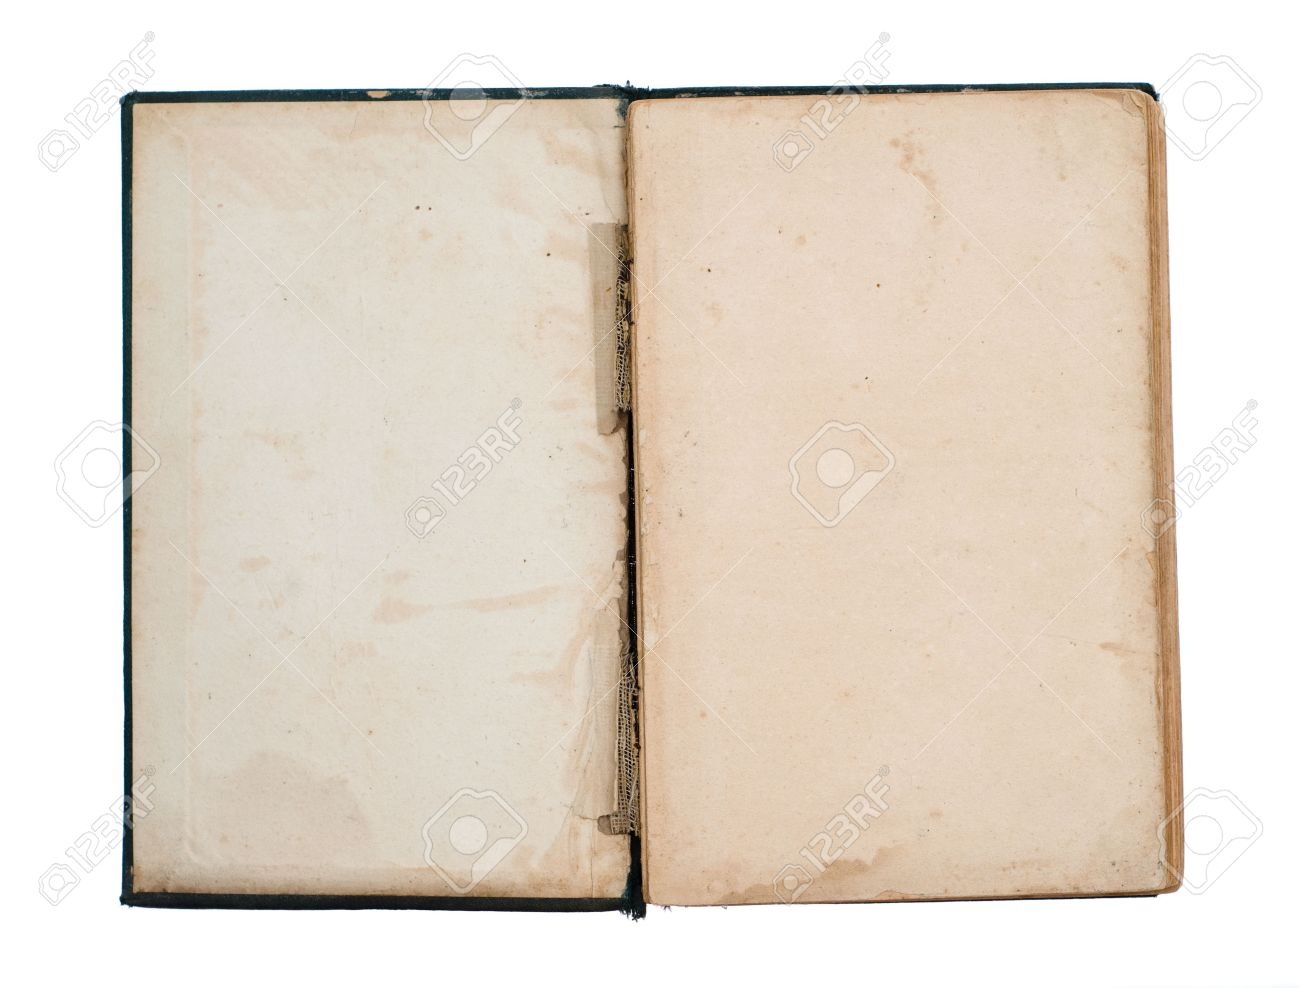 Page Vierge De Titre Du Livre Ancien Endommage Ouvert Isolee Sur Blanc